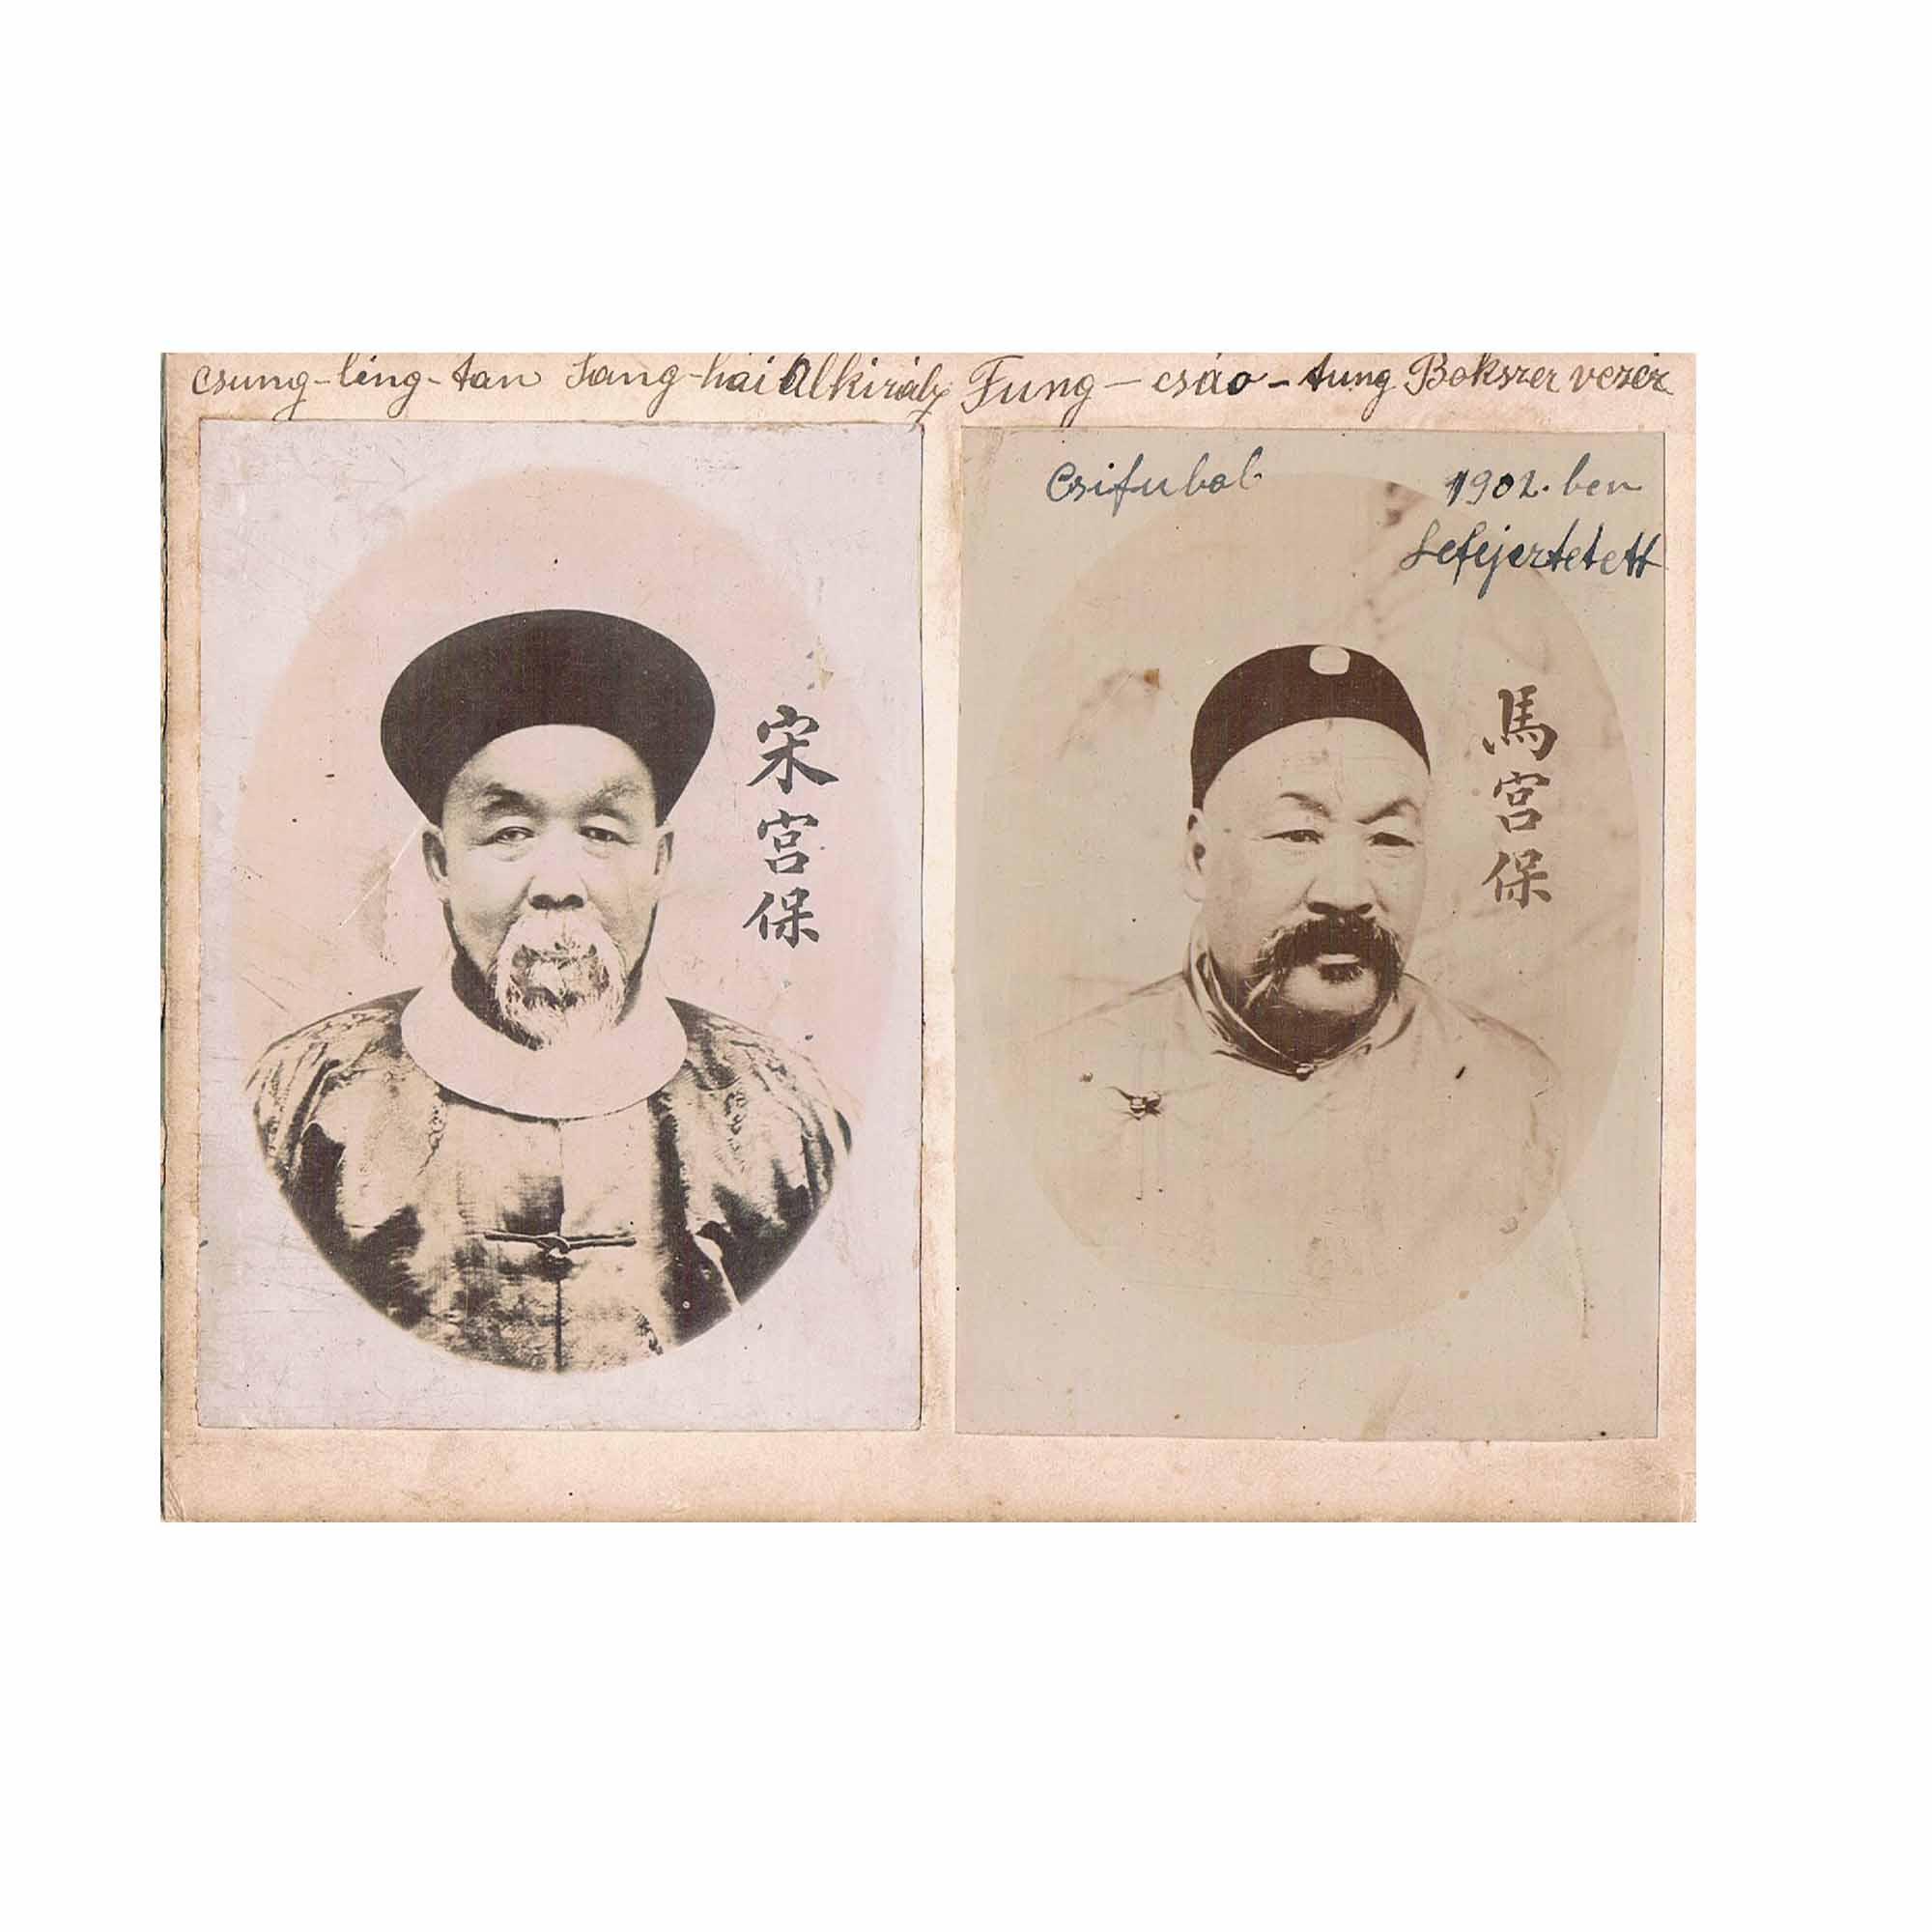 5331-China-Photographic-Album-1902-06-3-N.jpeg